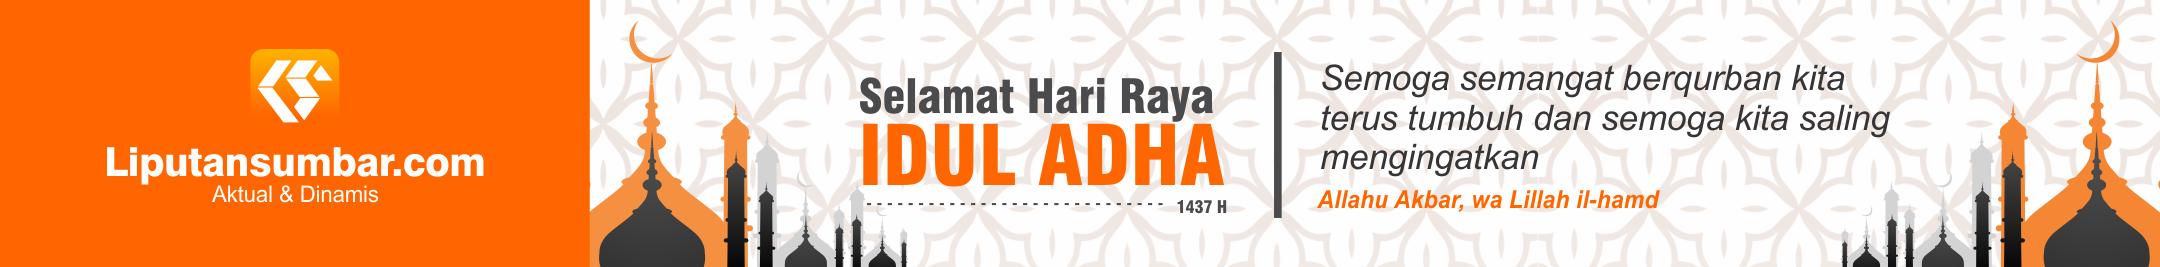 Banner Idul Adha Liputan Sumbar